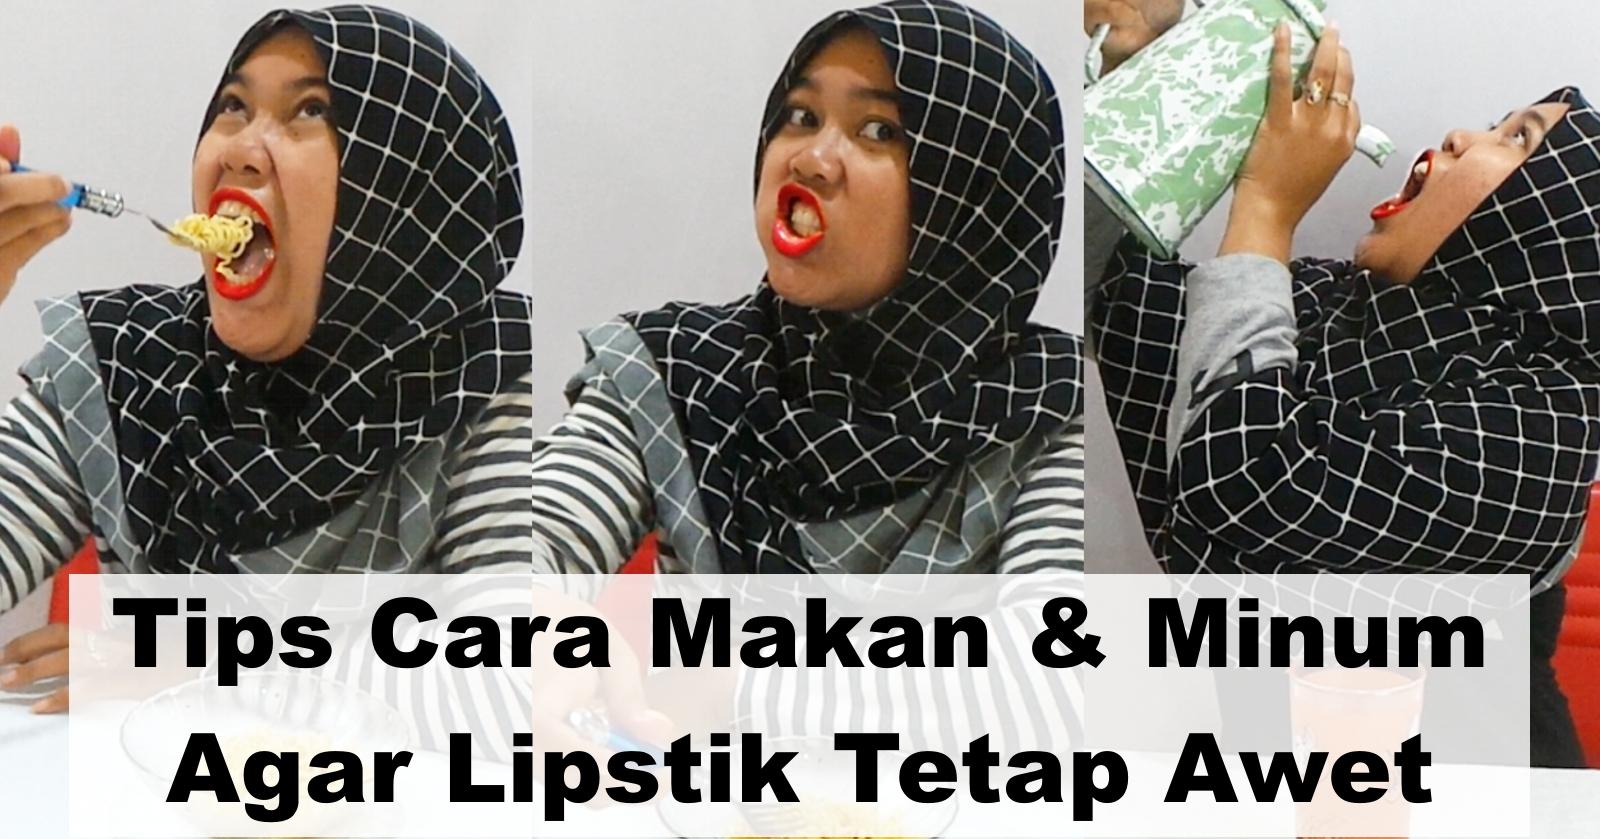 Tips Agar Lipstik Tetap Awet Setelah Makan dan Minum